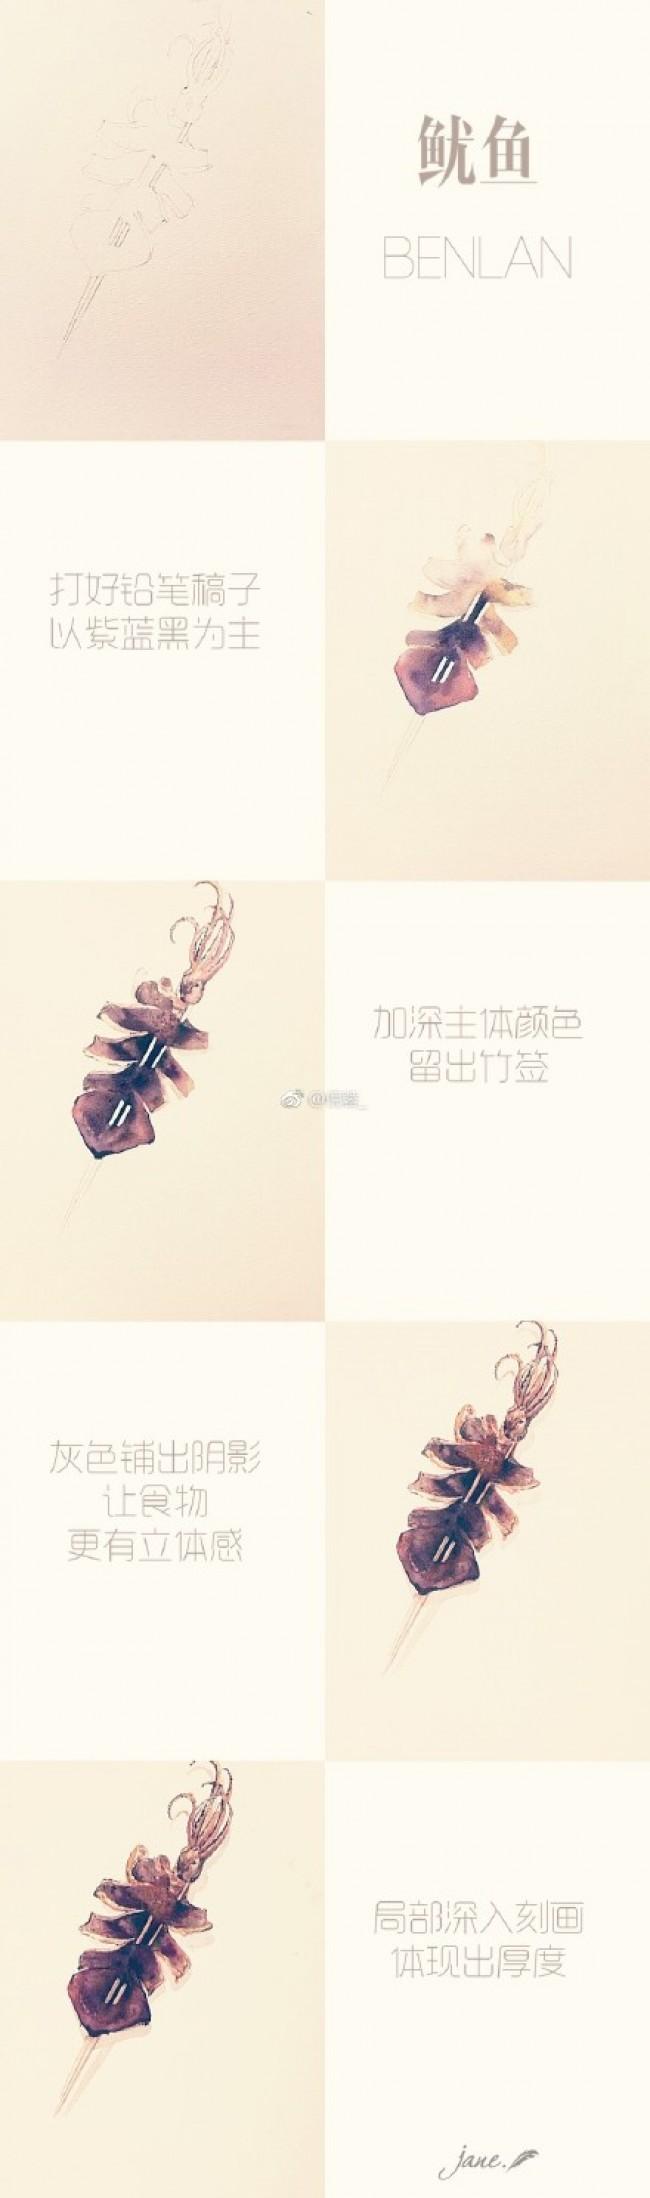 鱿鱼串/香菇串/培根金针菇串烧烤串水彩手绘教程图片 画法步骤_www.youyix.com